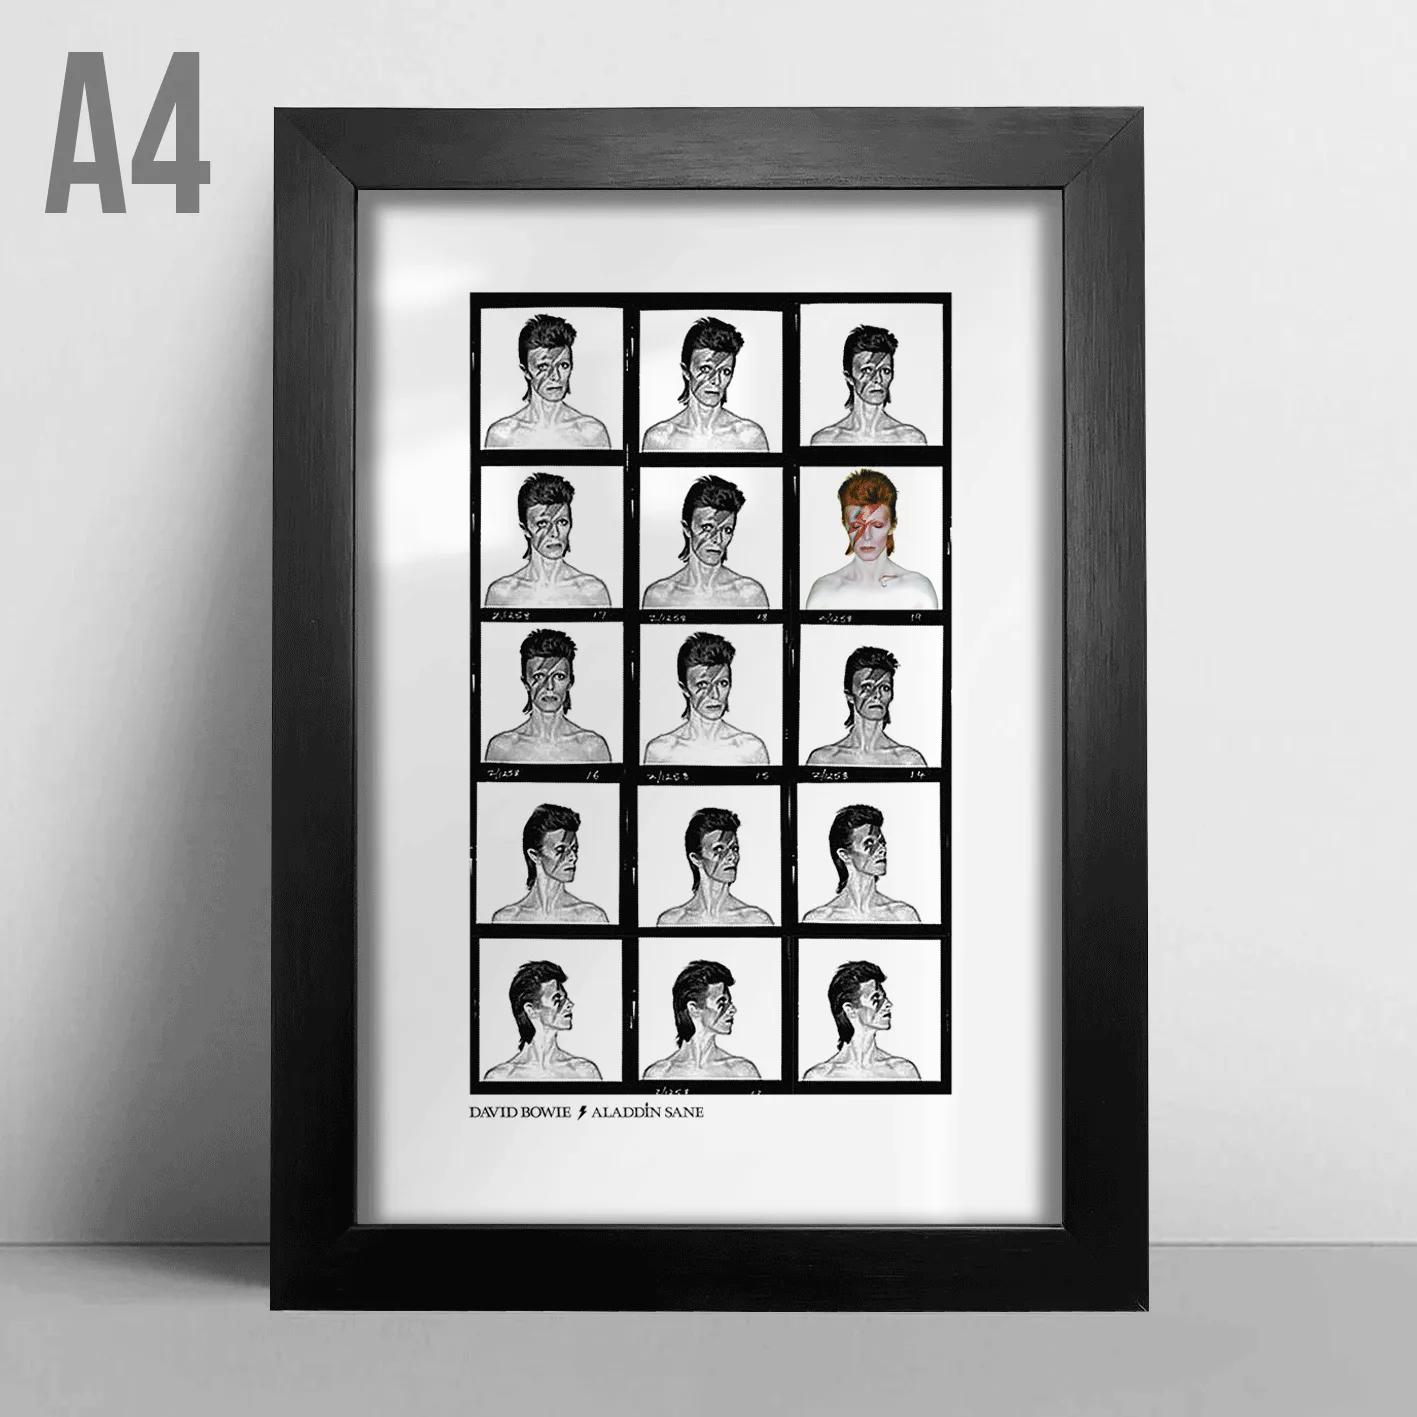 Quadro A4 - David Bowie